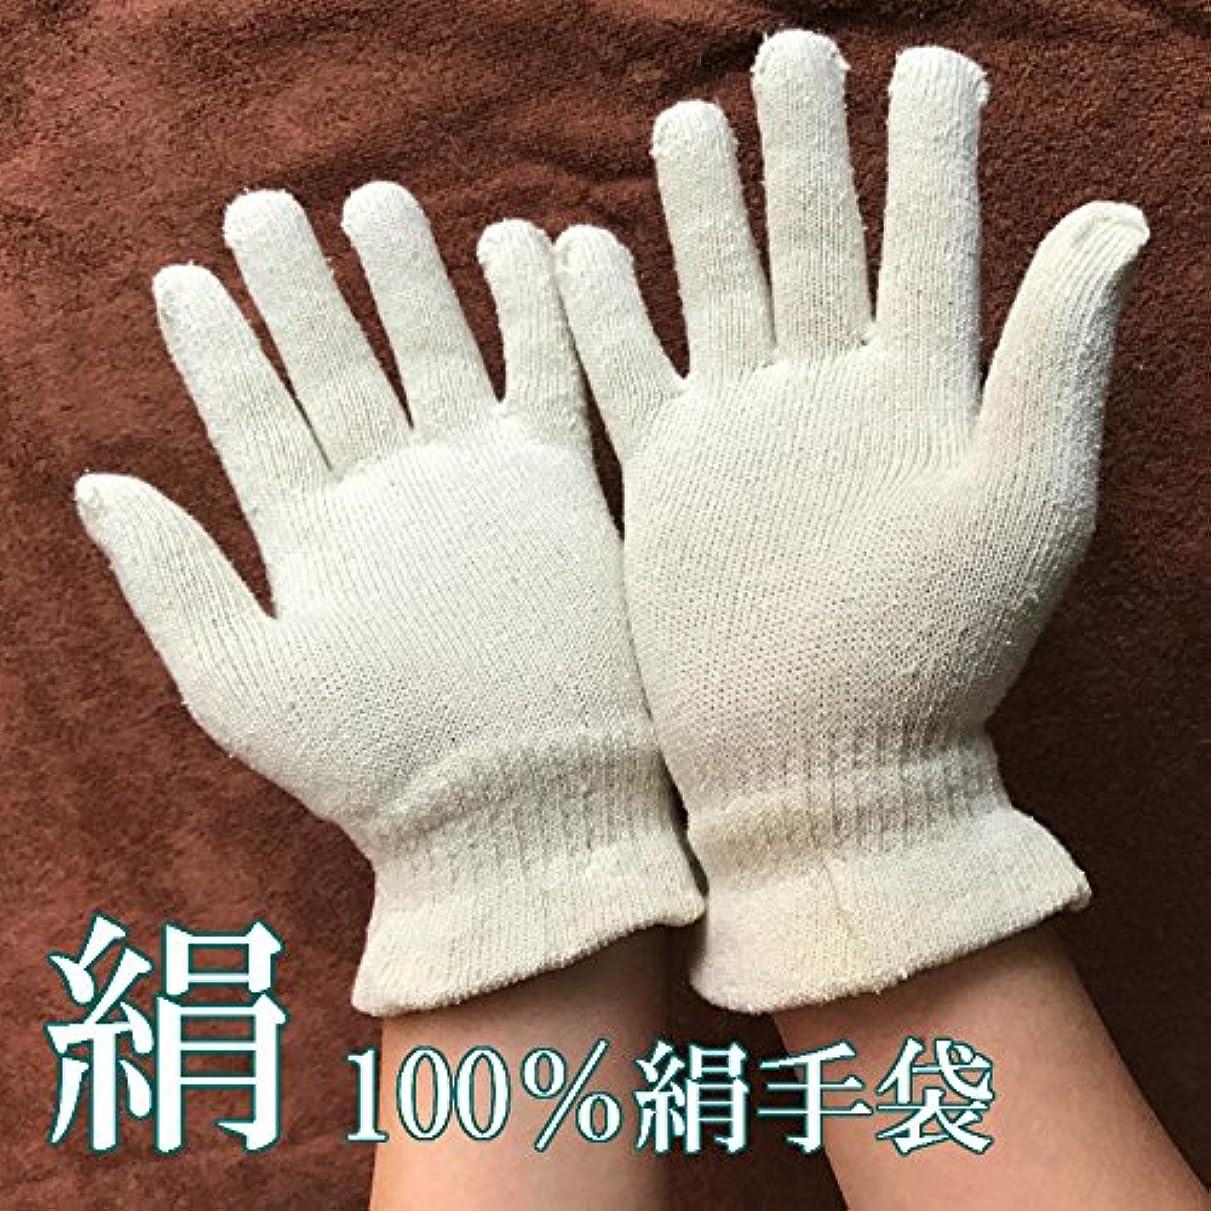 石化する範囲ありそう絹手袋 シルク手袋 ガルシャナ アーユルヴェーダ